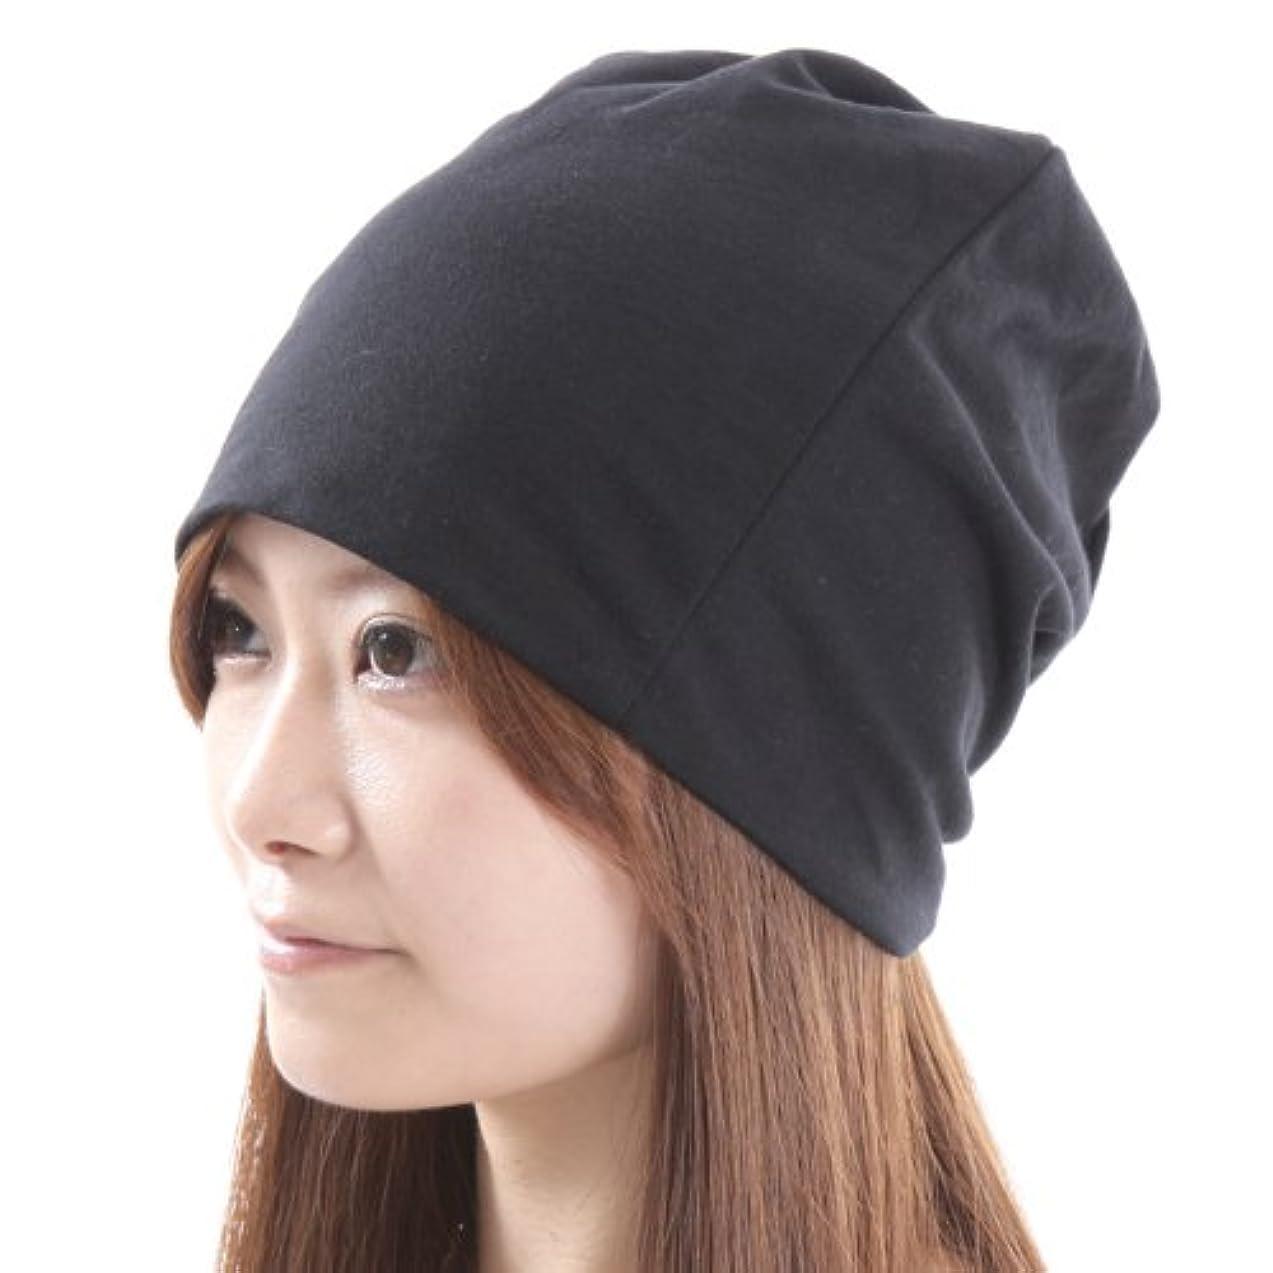 期待して食べるオーナー電波シールドニット帽子<<MS308 -2重Lサイズ